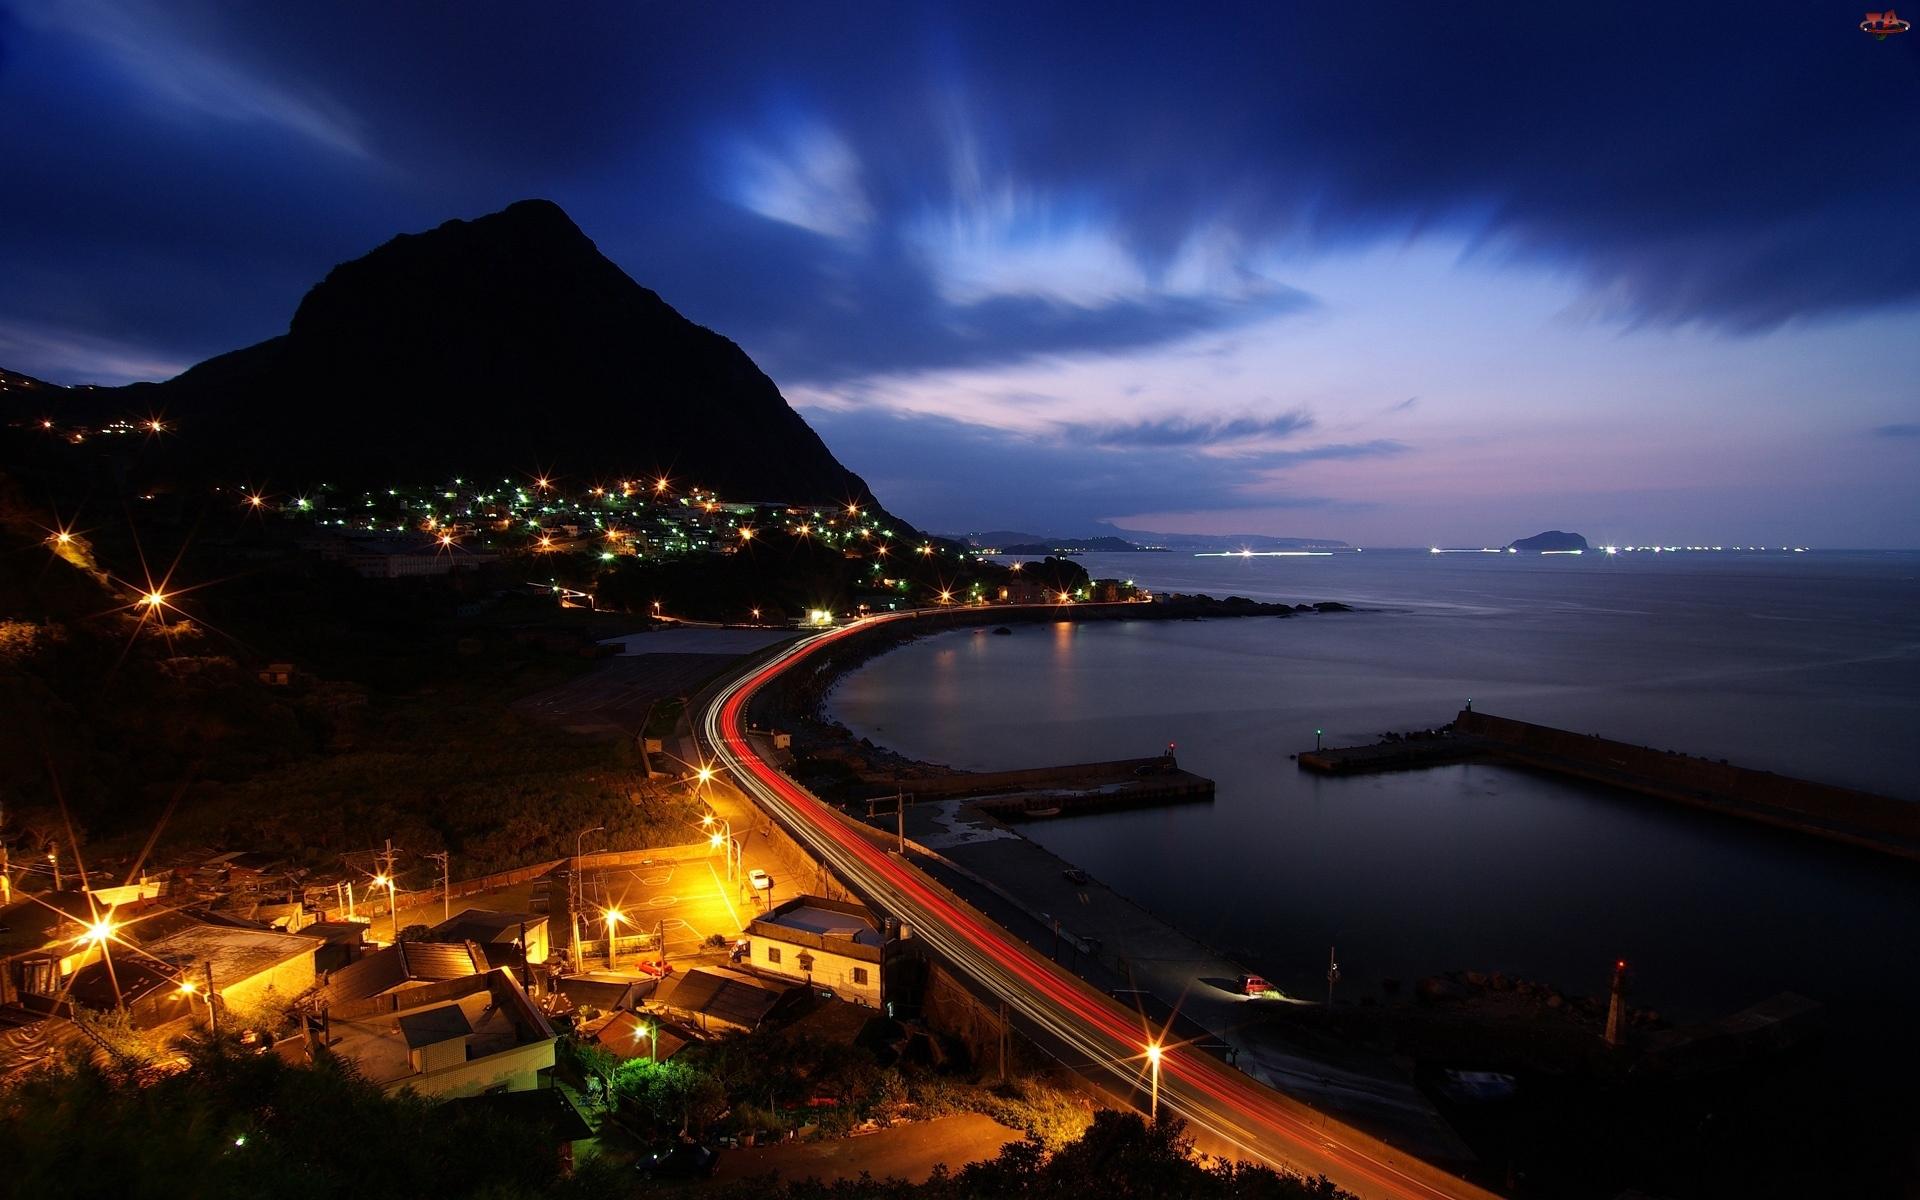 Droga, Noc, Zatoka, Wybrzeże, Miasto